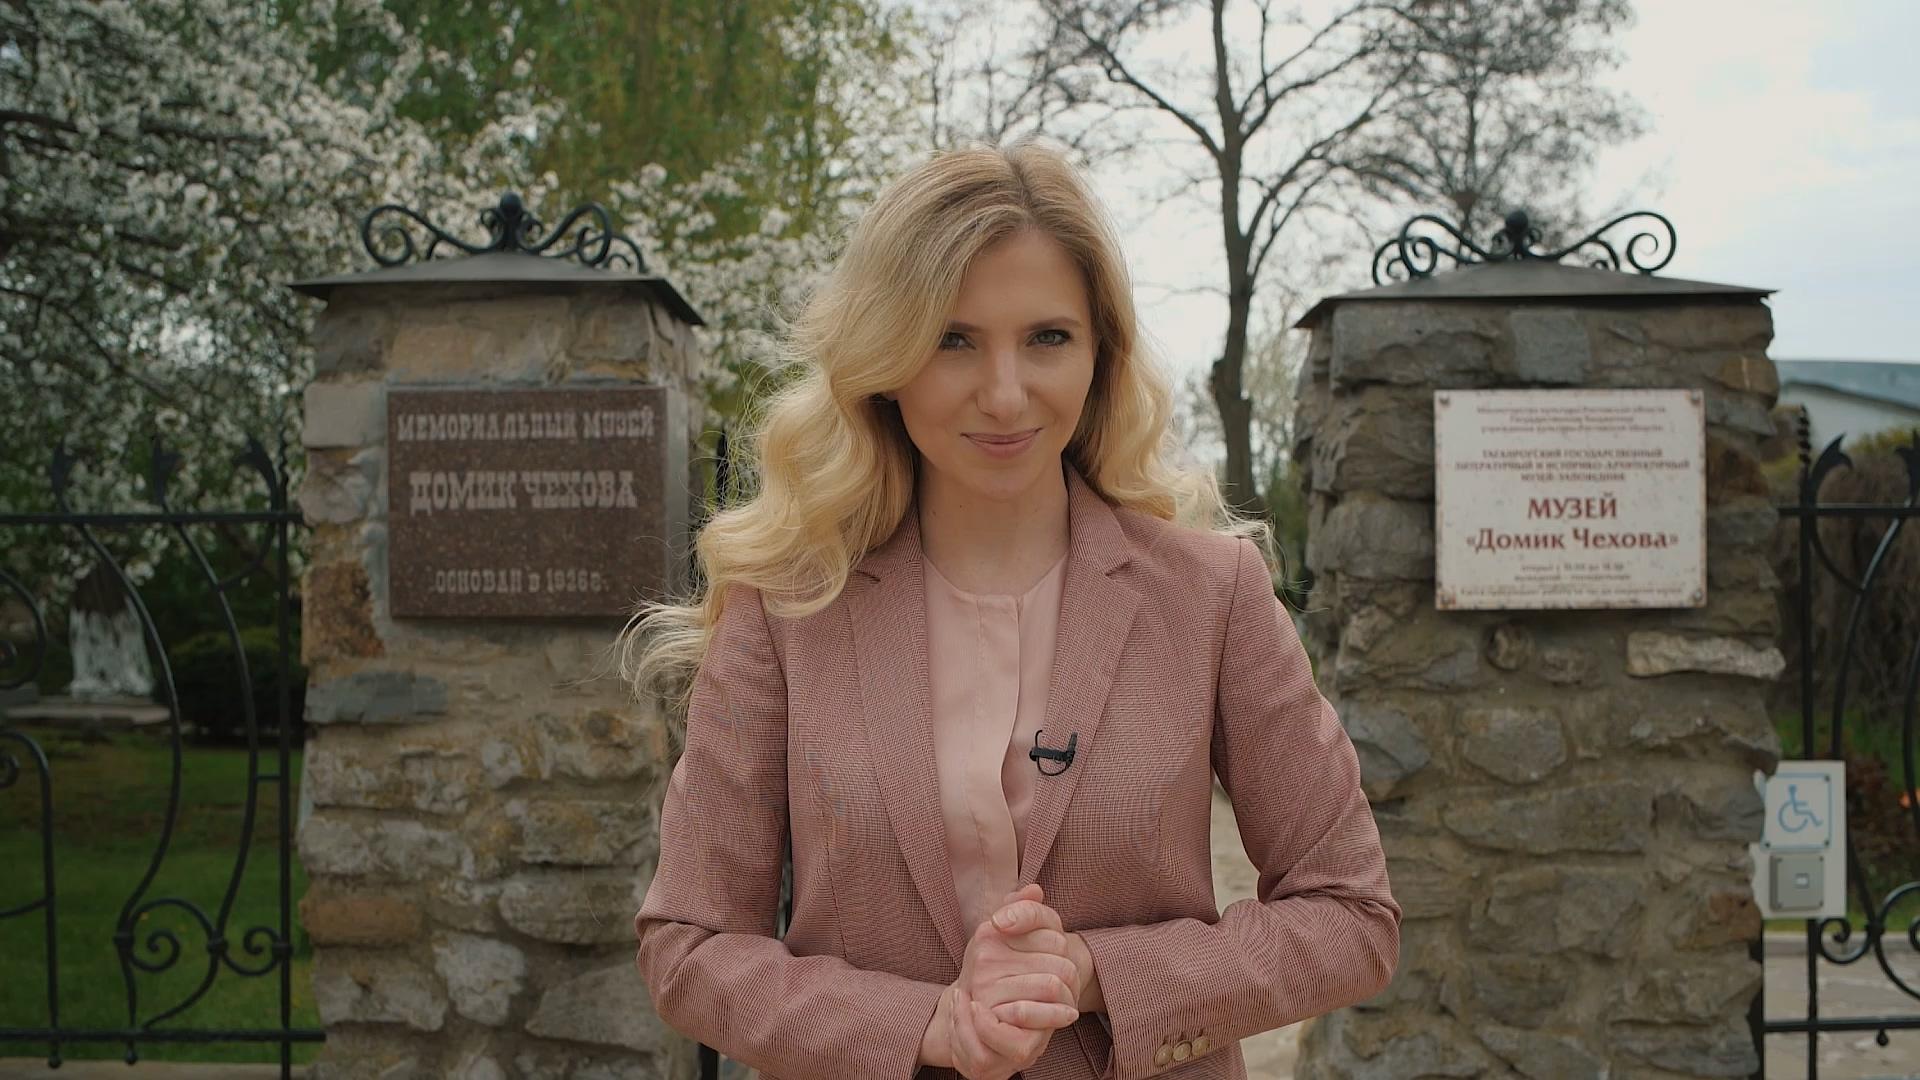 Лучшие места в Таганроге. Мадам Ку-Ку приглашает в город Чехова